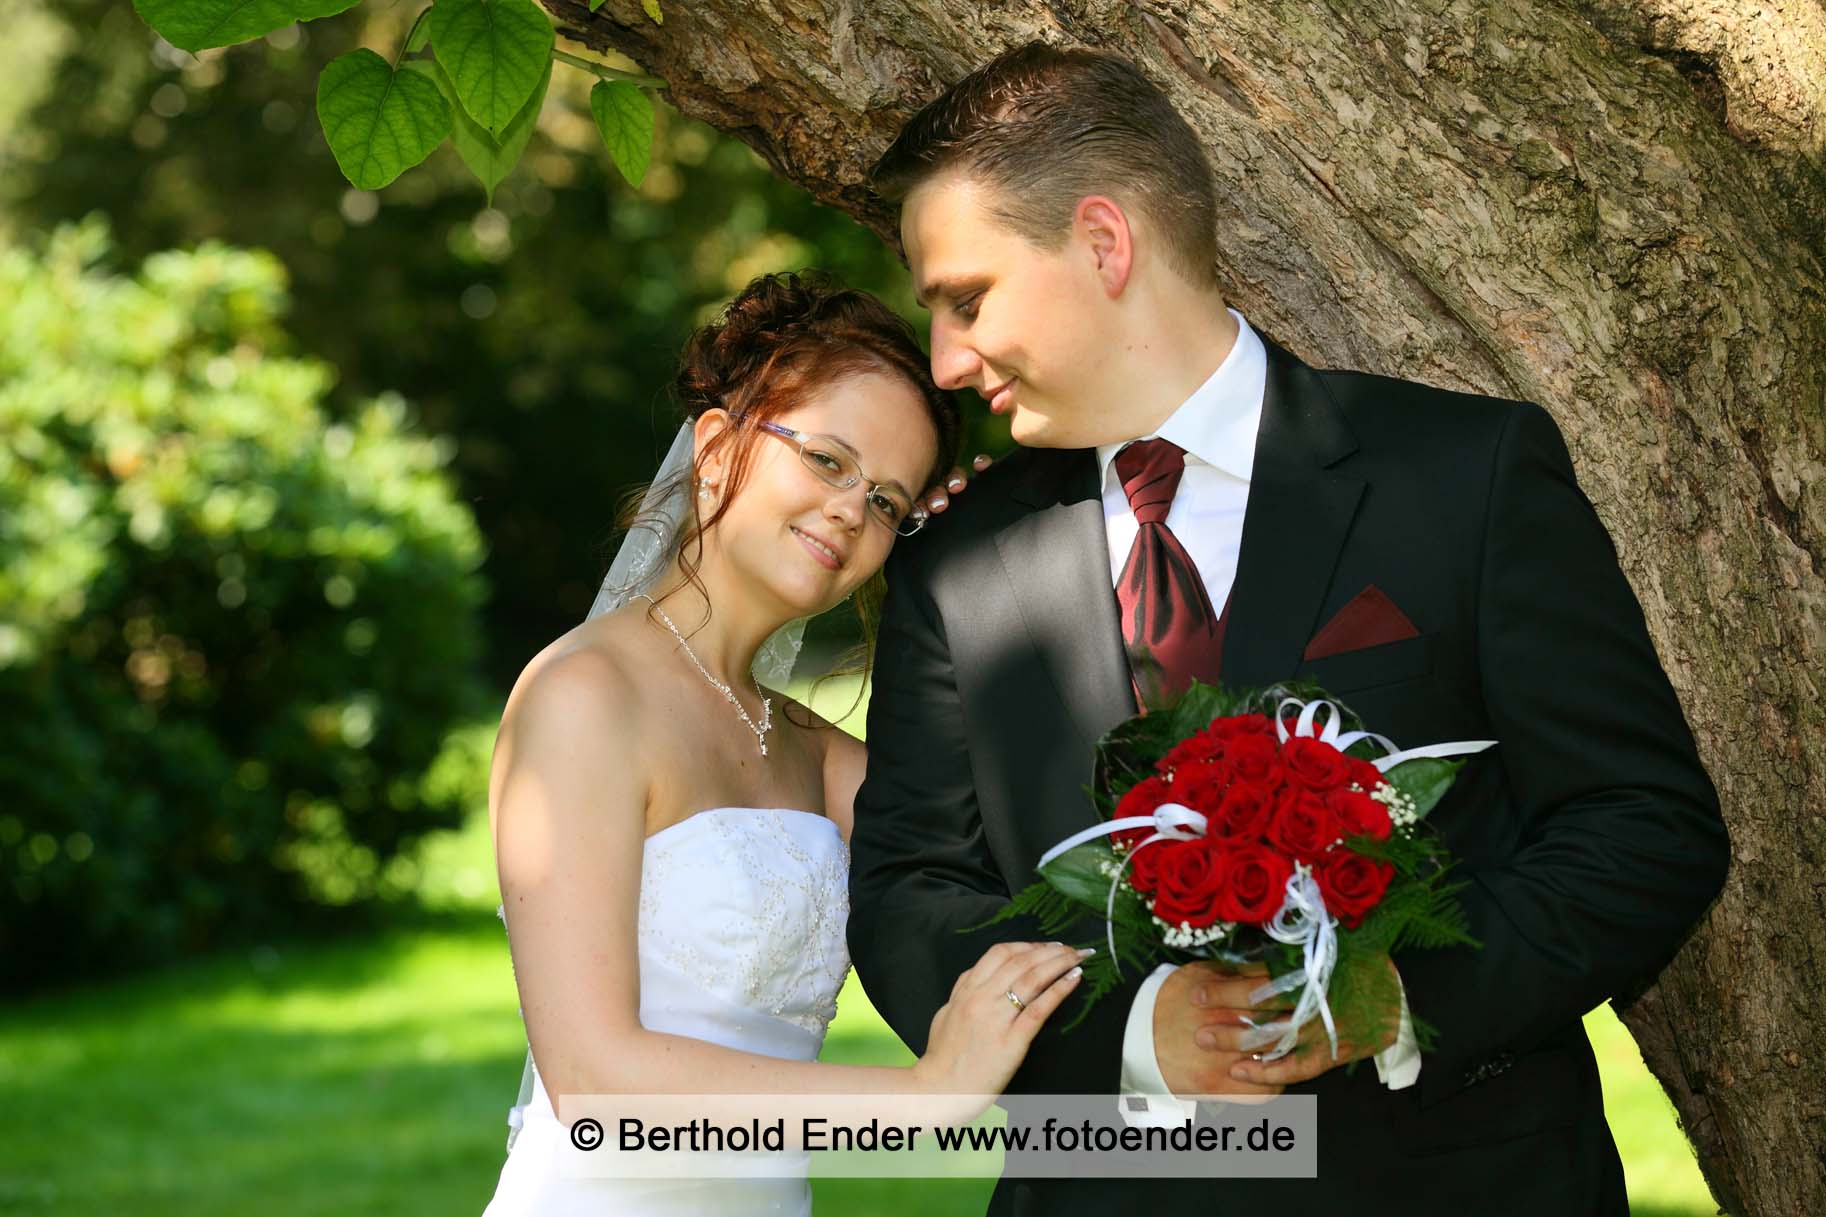 Hochzeitsfotograf Lutherstadt Wittenberg: Fotostudio Ender